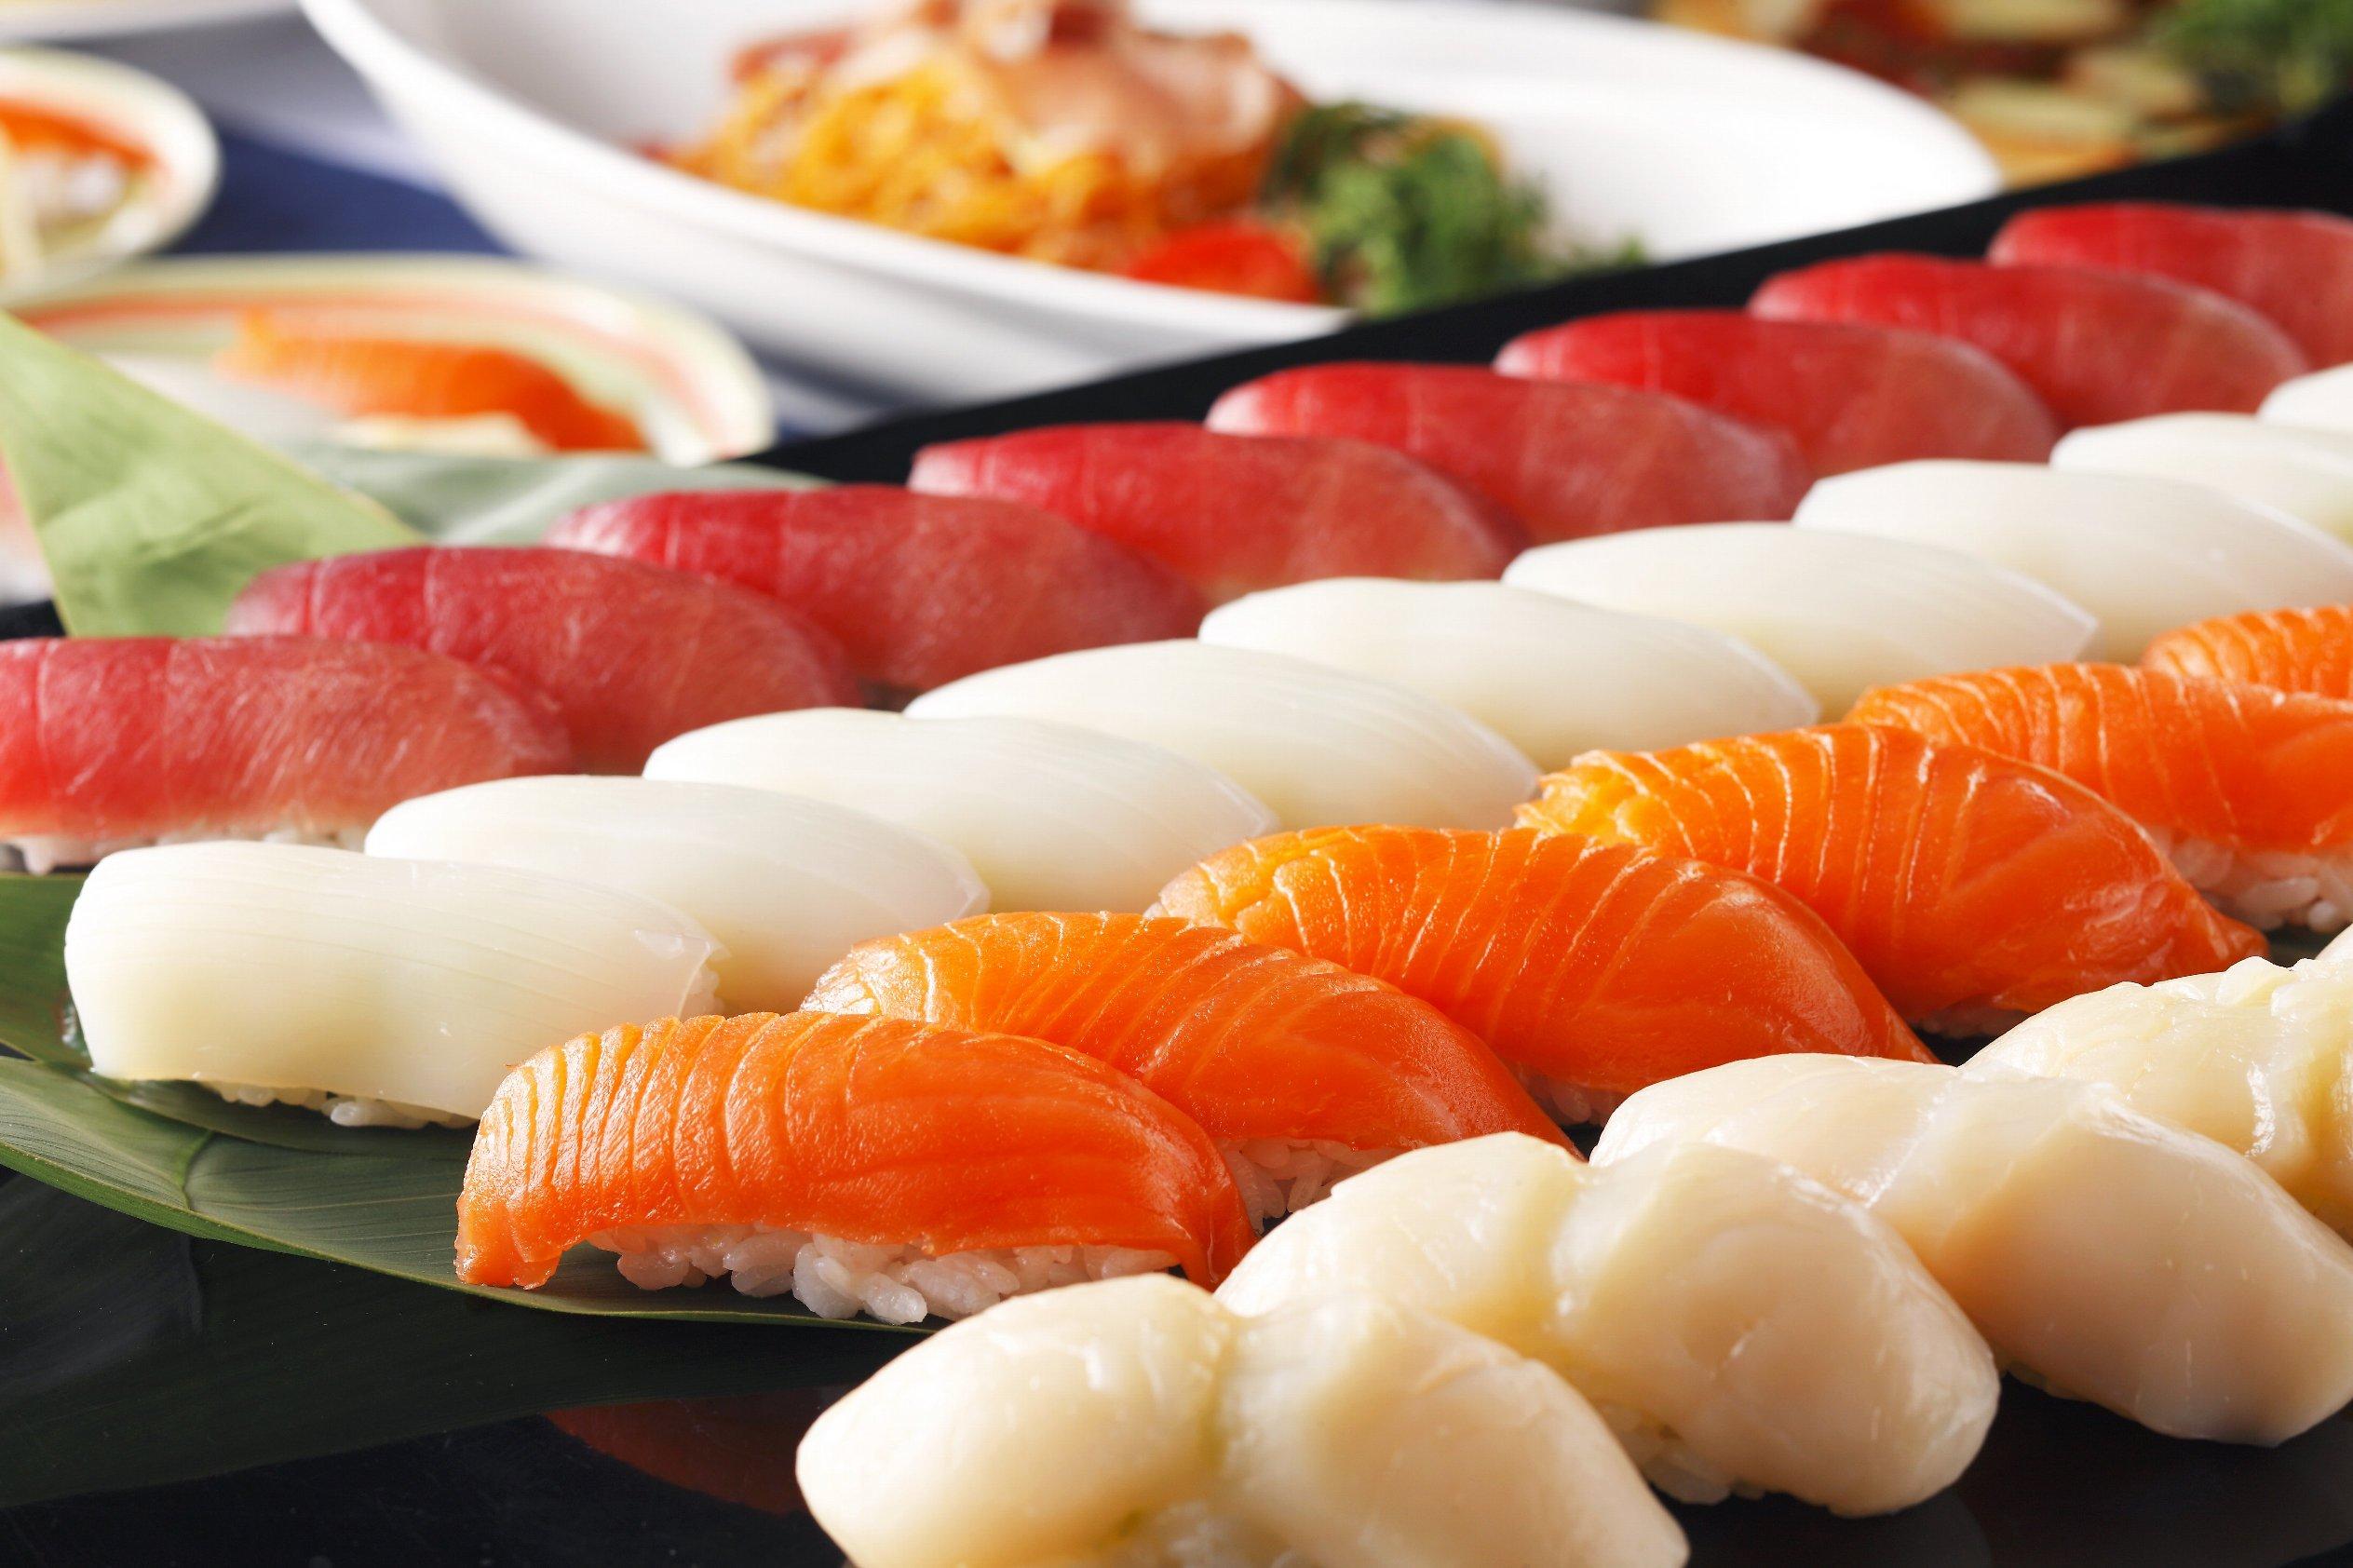 北海道の食べ物は他の場所と比較して質が異常に違う